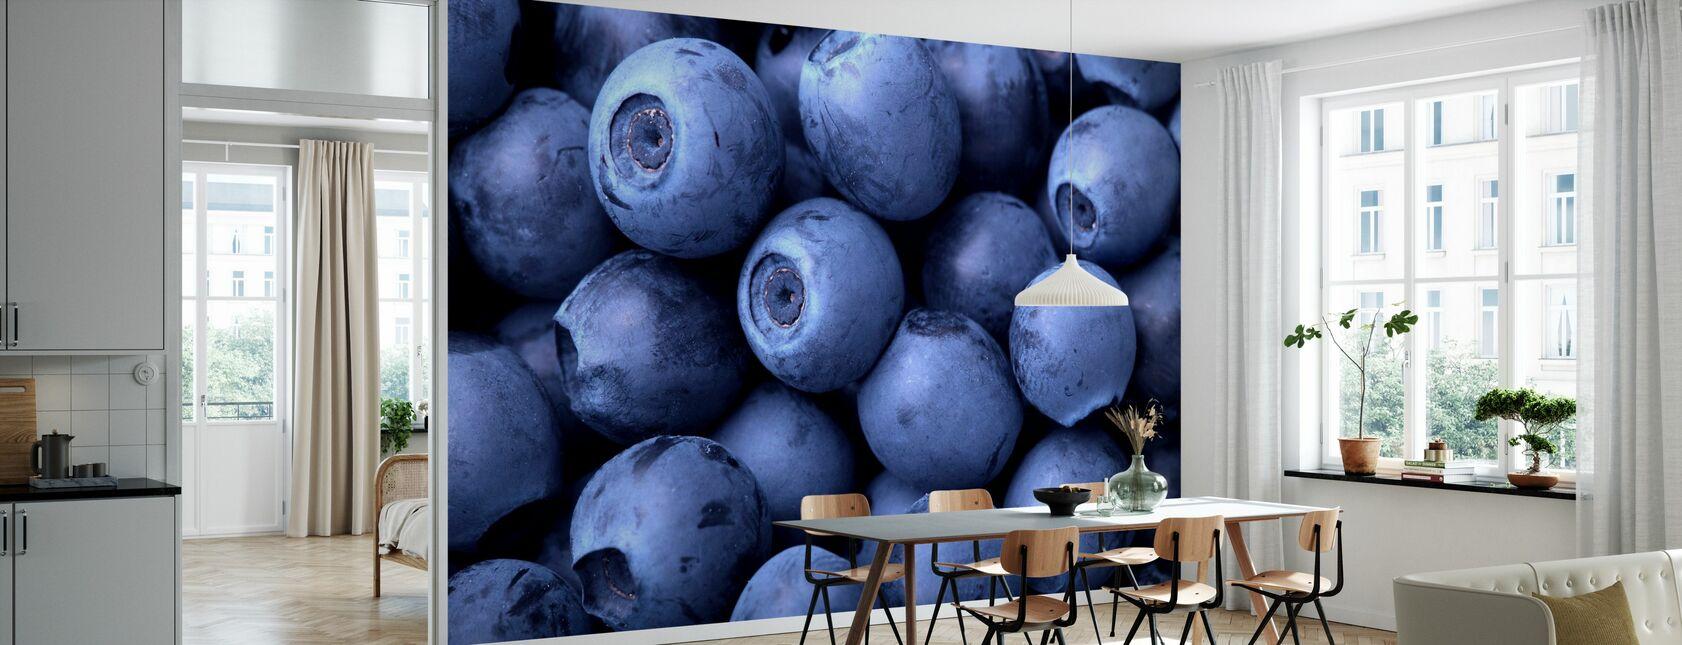 Blueberries - Wallpaper - Kitchen